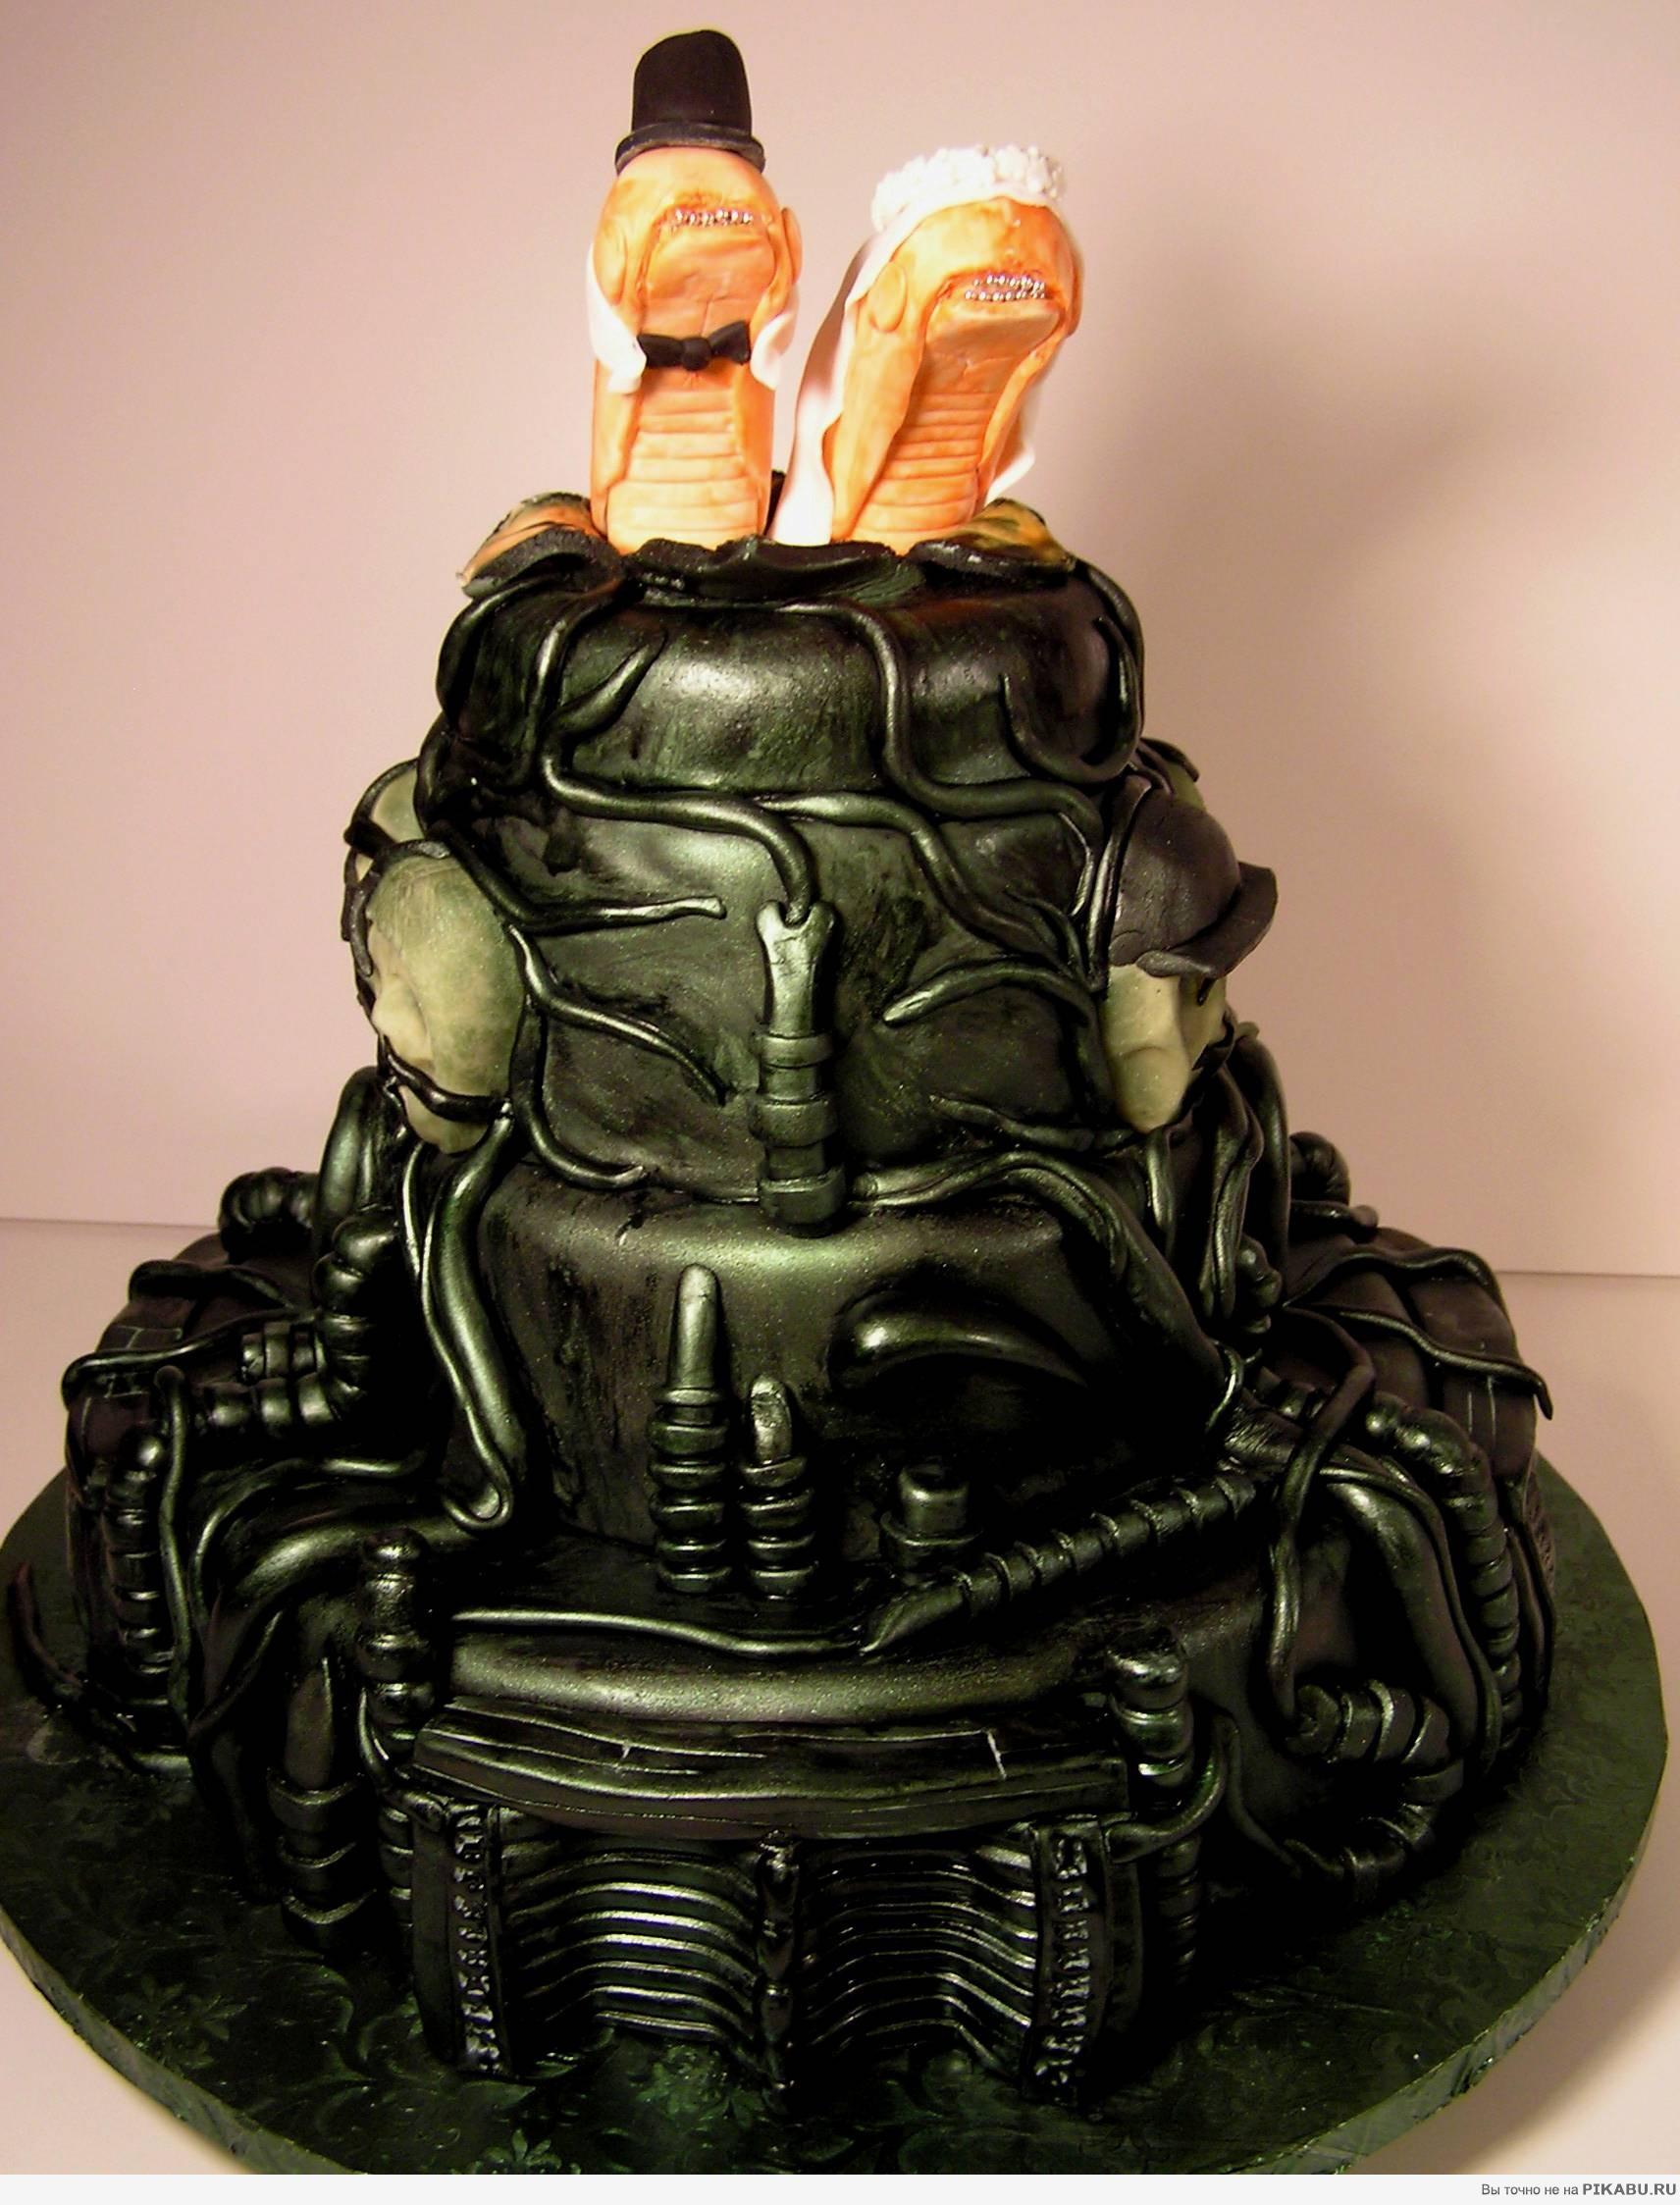 Самый неаппетитный свадебный торт в мире возник под впечатлением от работ швейцарского сюрреалиста Ганса Руди Гигера...